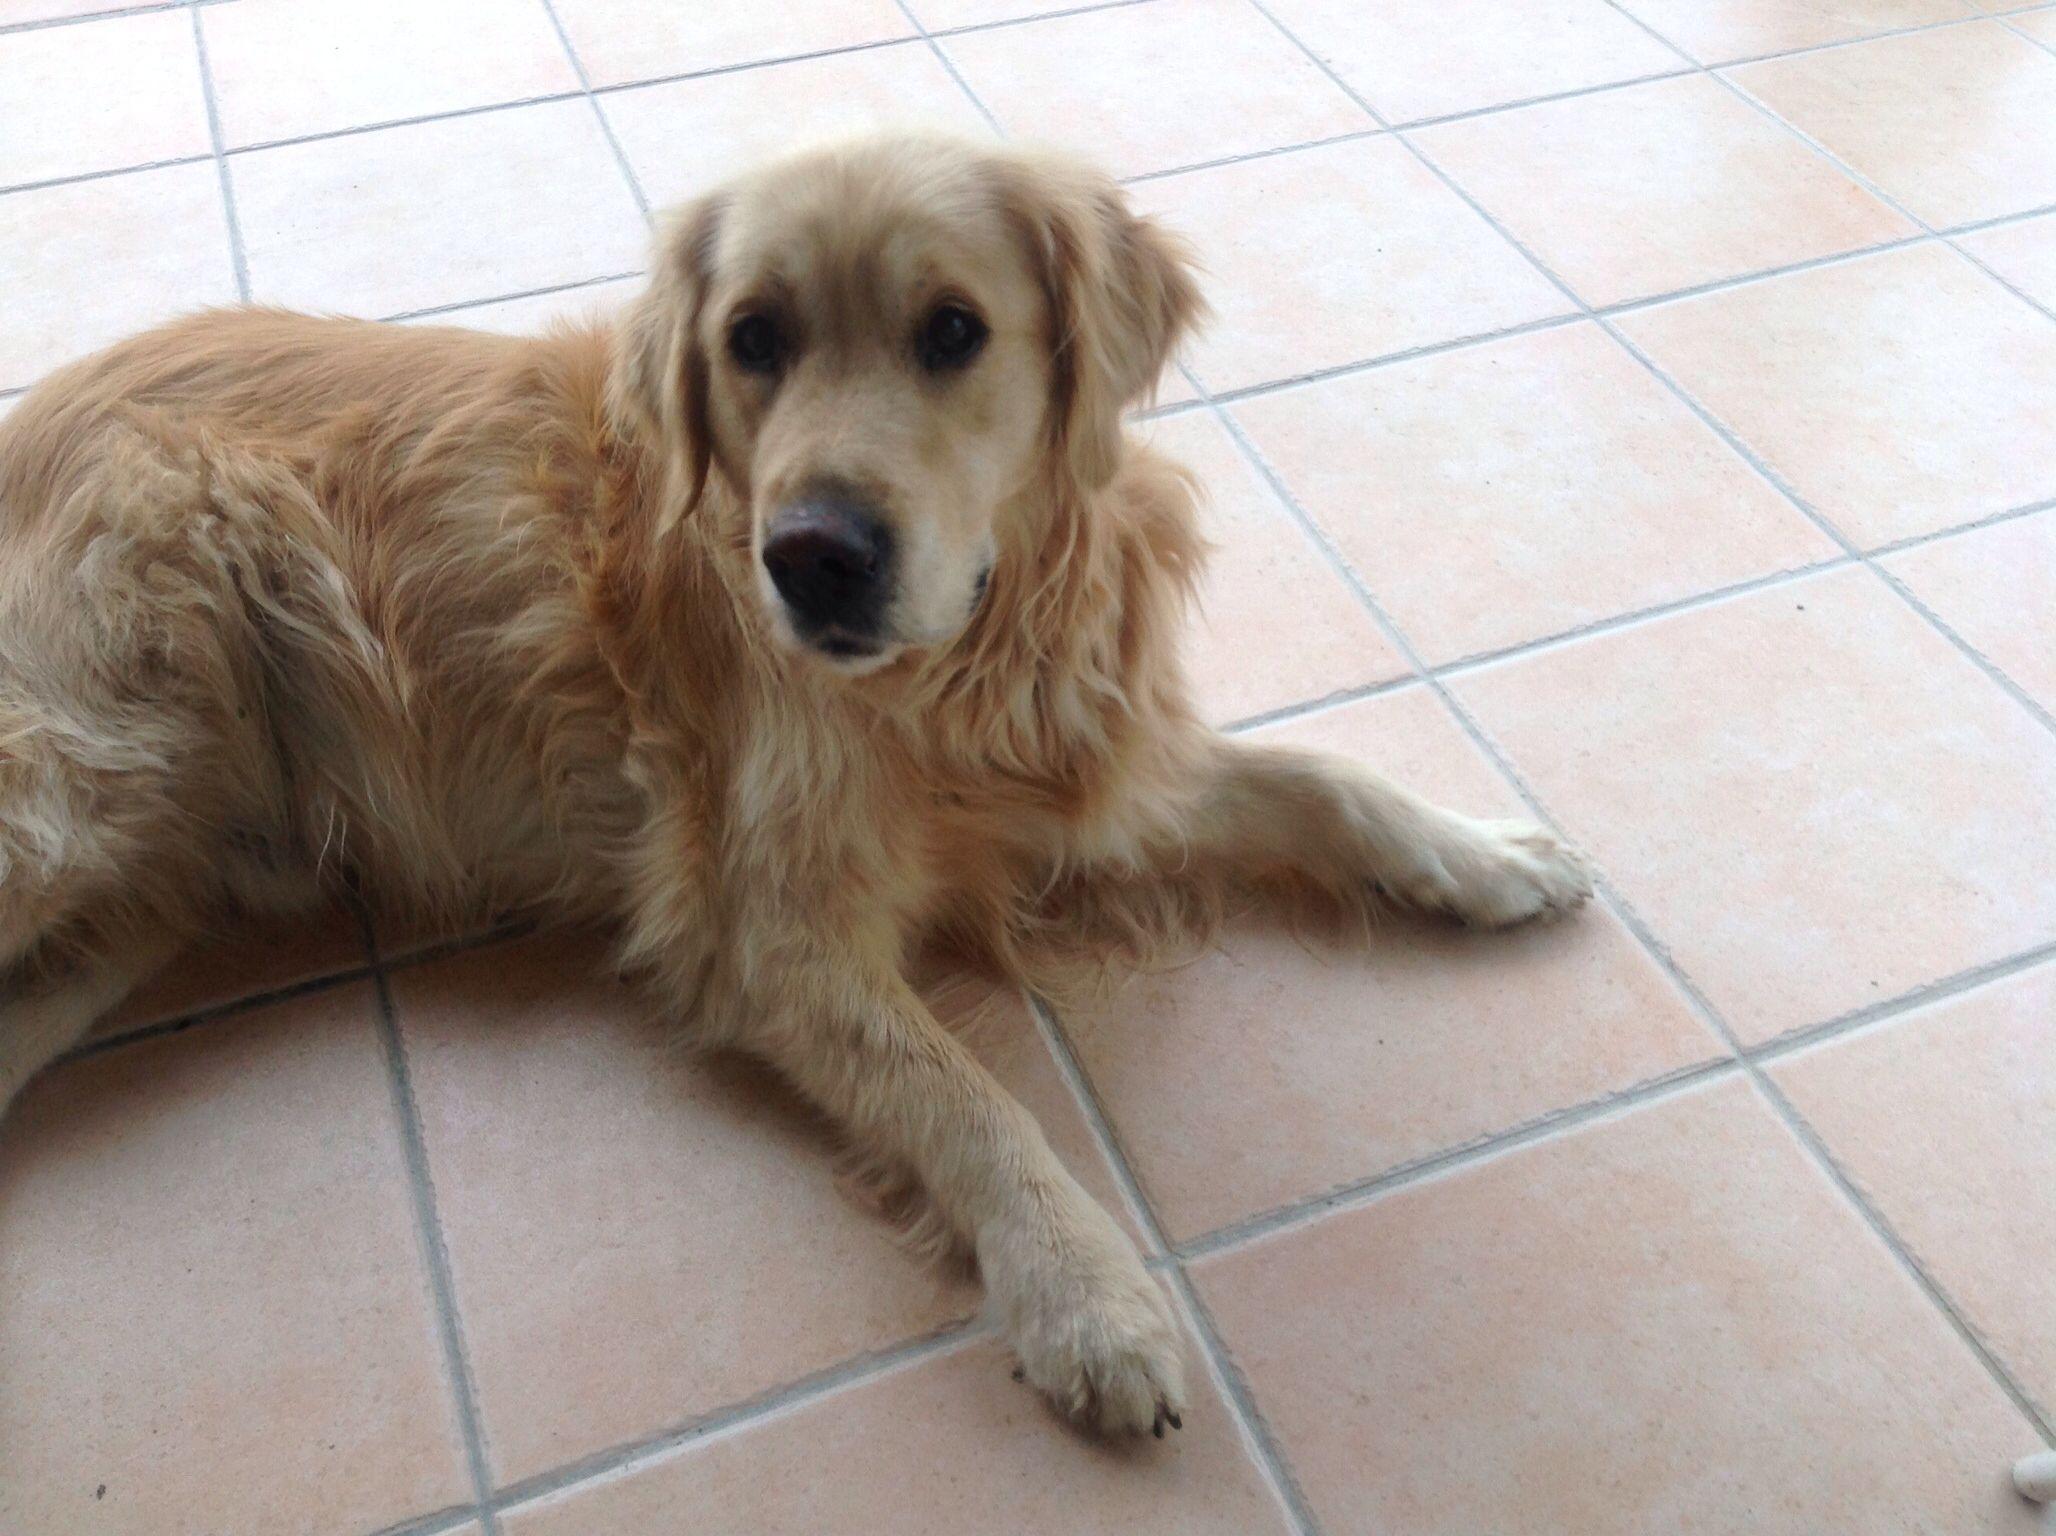 My fluffy dog Rusty.